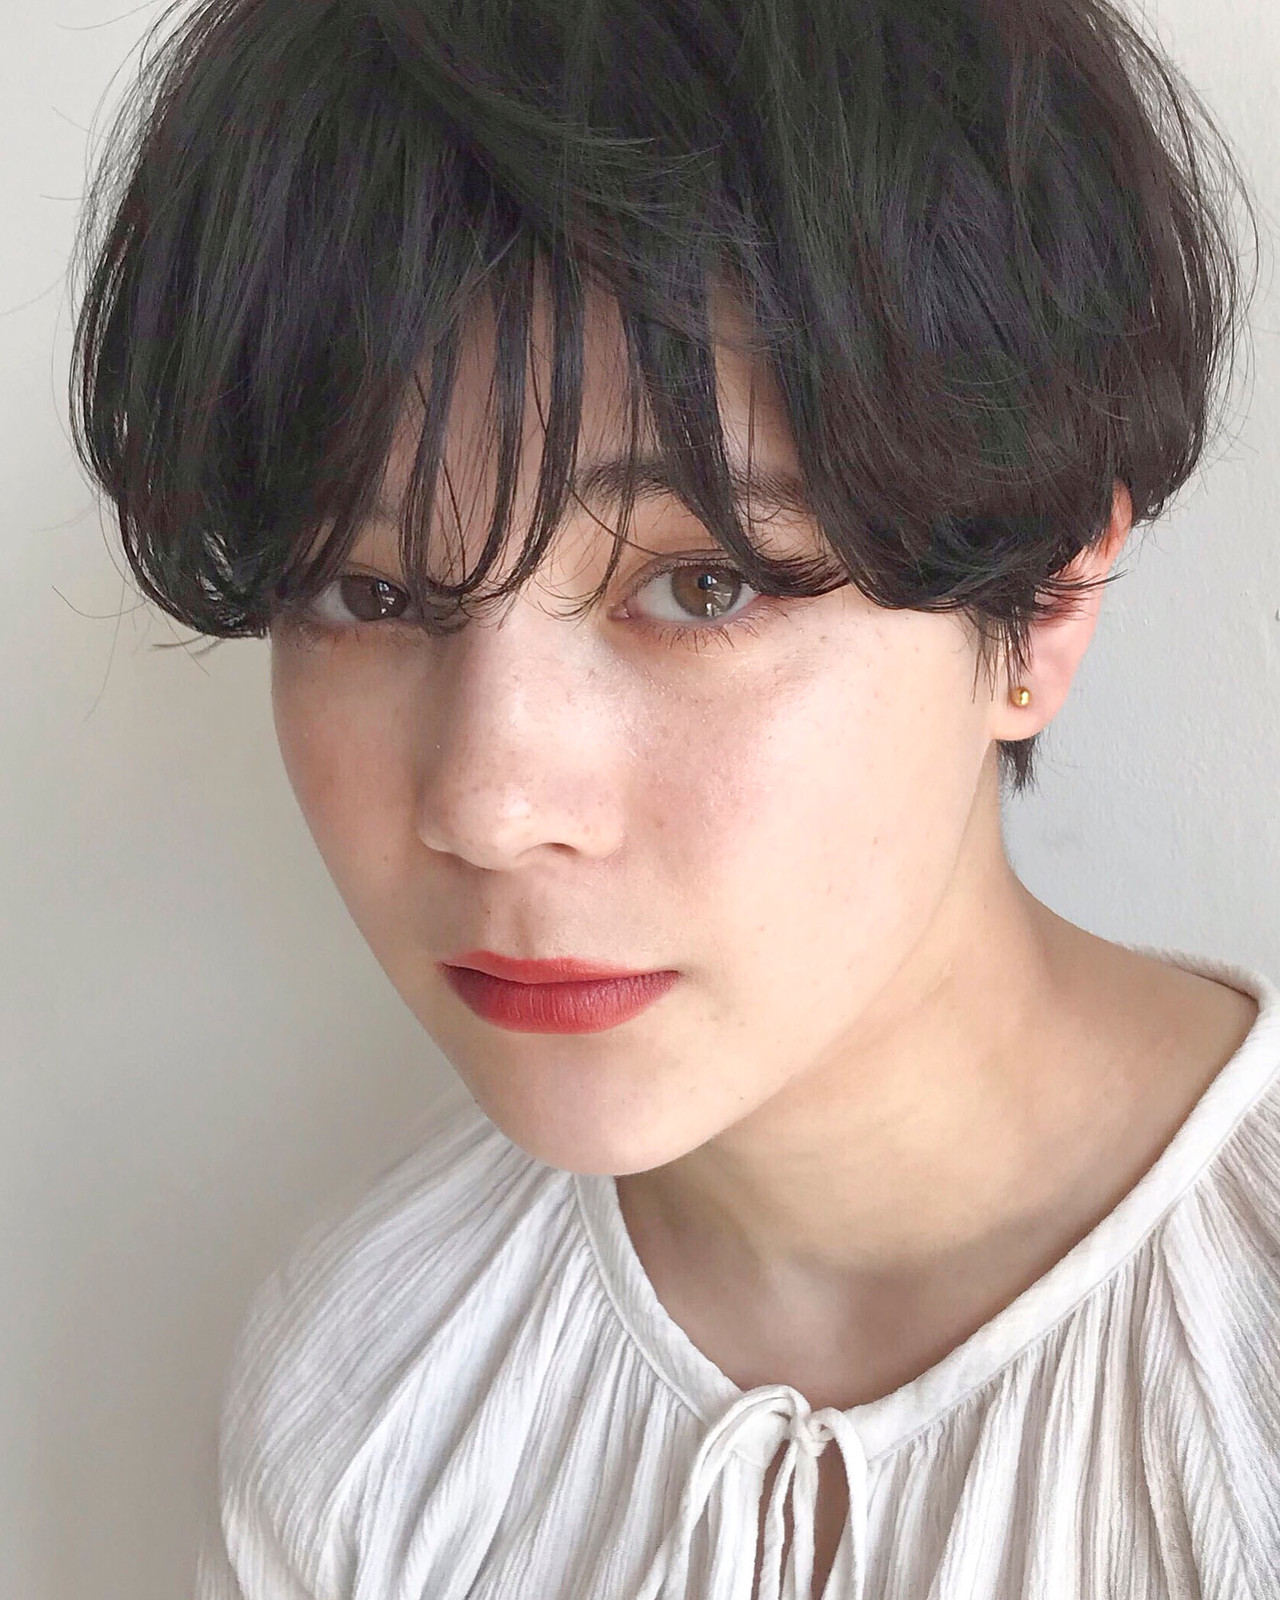 ベリーショート 黒髪 ゆるふわ ショートボブ ヘアスタイルや髪型の写真・画像